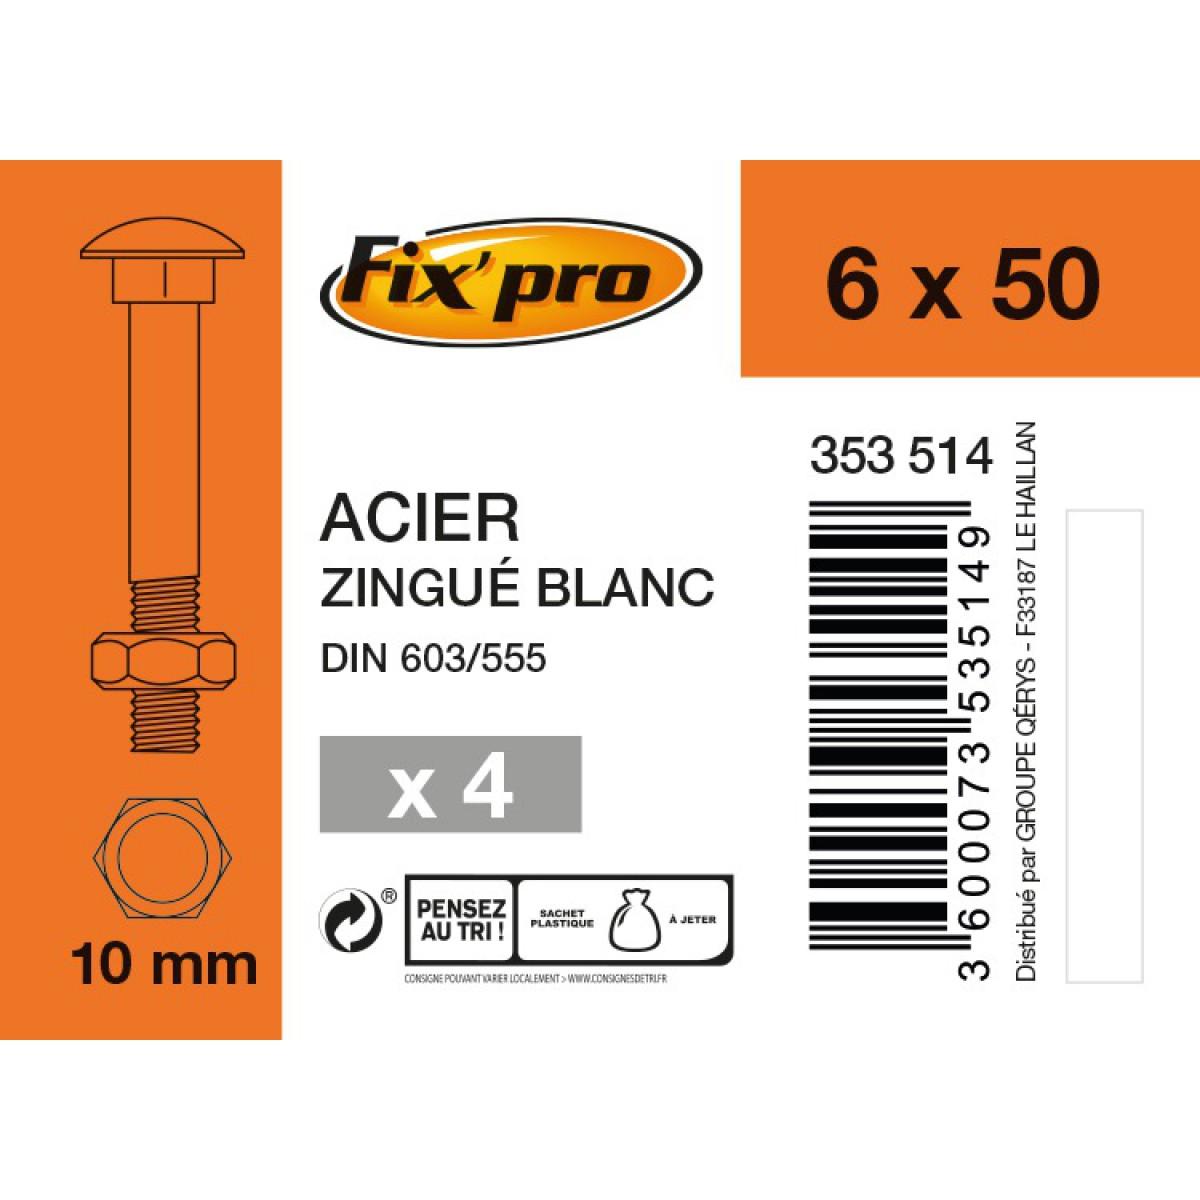 Boulon Japy tête ronde collet carré acier zingué - 6x50/18 - 4pces - Fixpro